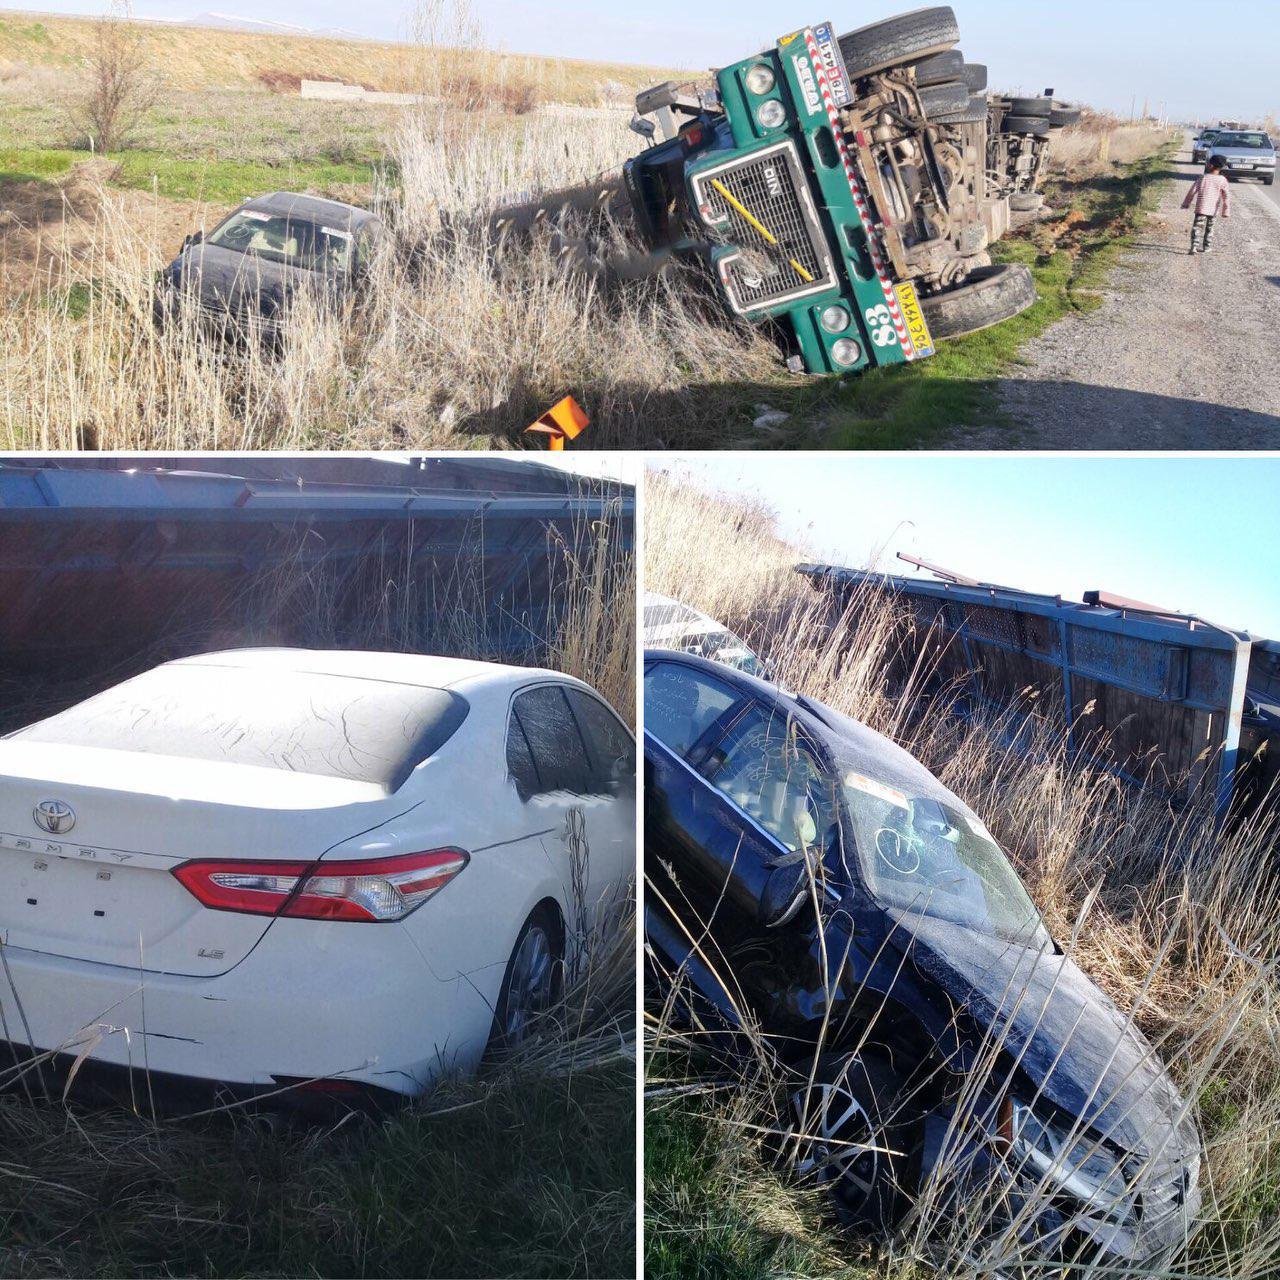 واژگونى کامیون حامل خودروهاى لوکس خارجى در جاده ارومیه مهاباد